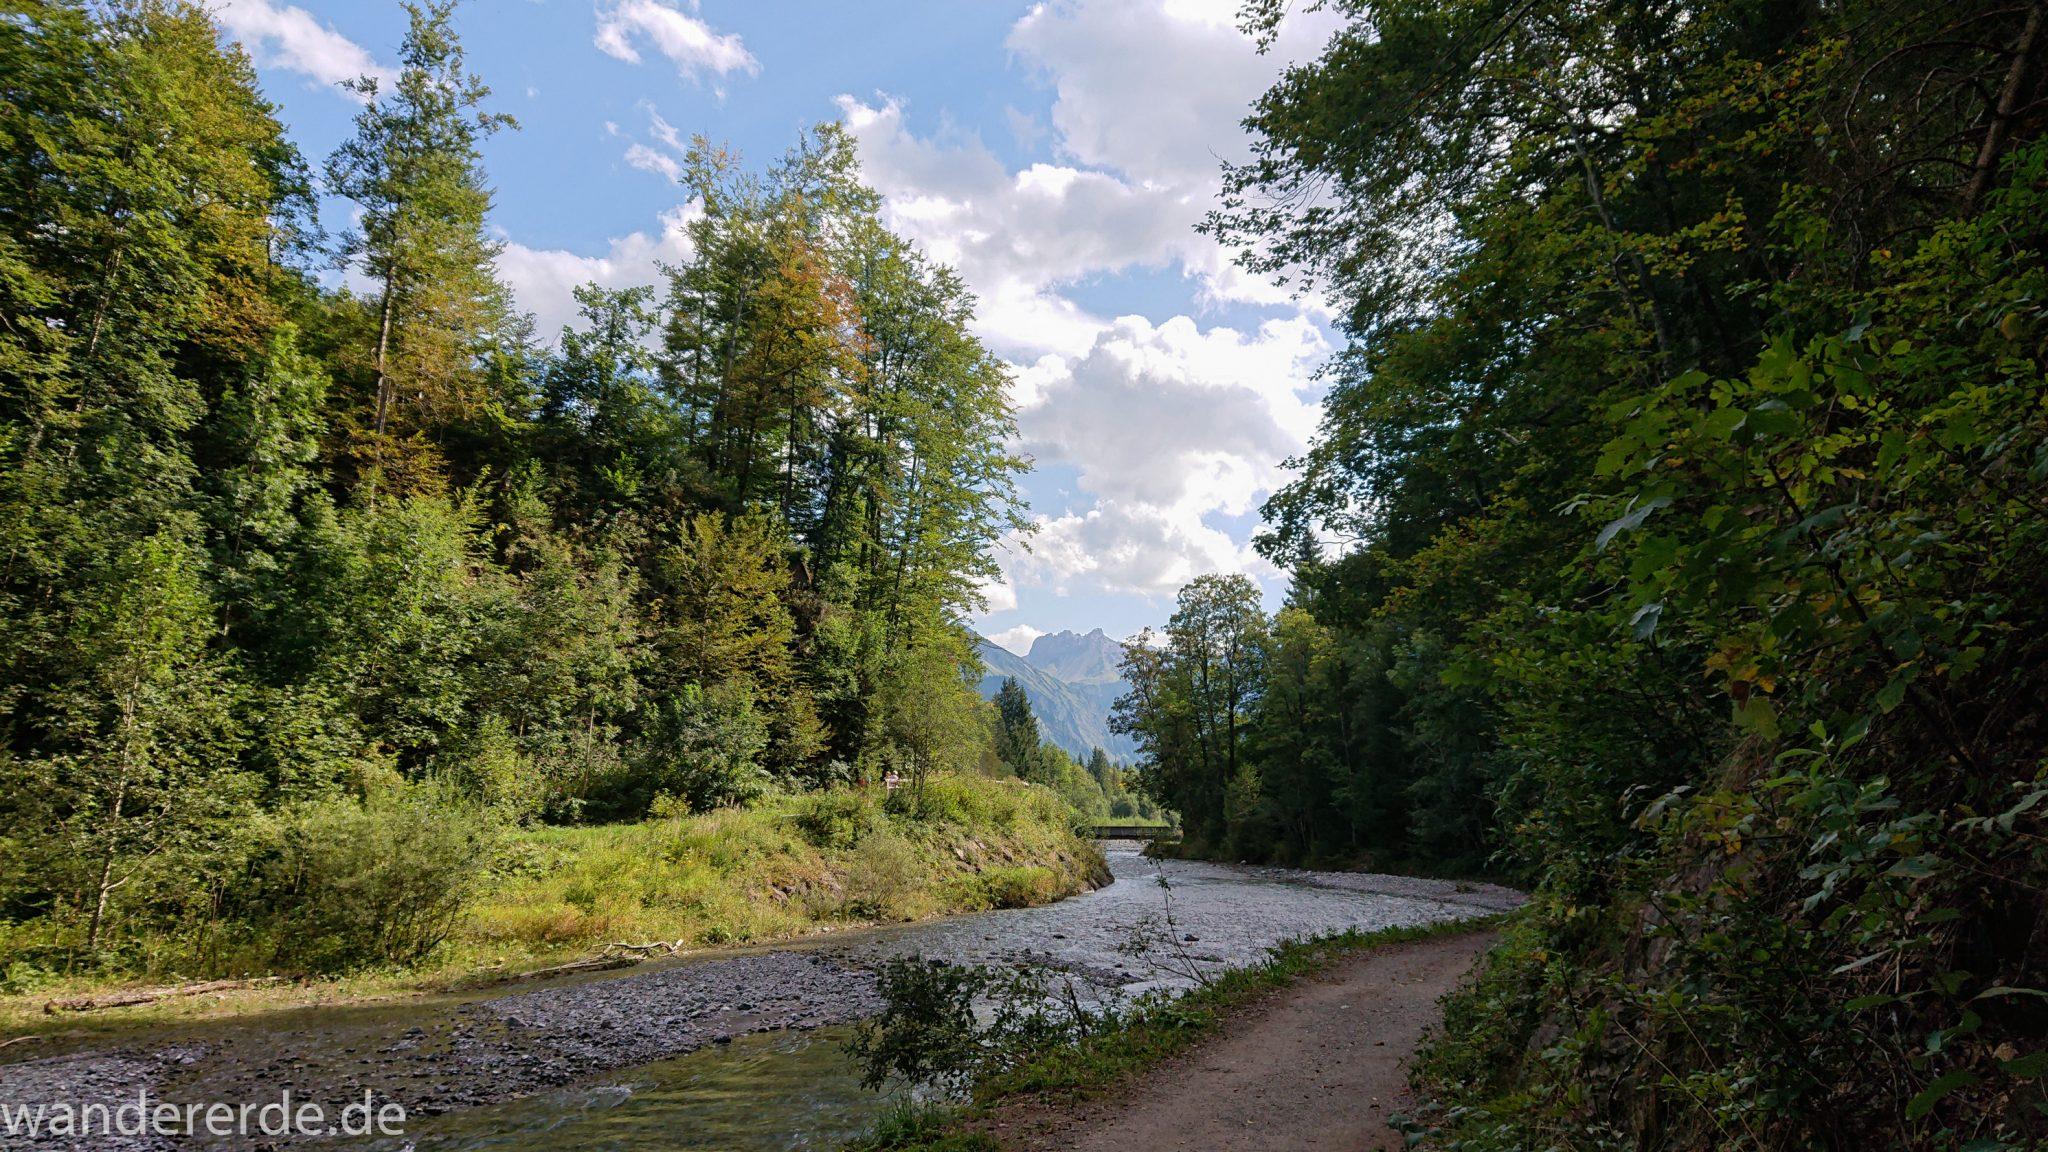 Alpenüberquerung Fernwanderweg E5 Oberstdorf Meran, 1. Etappe von Oberstdorf zur Kemptner Hütte, schöner Wanderweg entlang Fluss Trettach, umgeben von grünem Wald, Aussicht auf die Berge im Allgäu